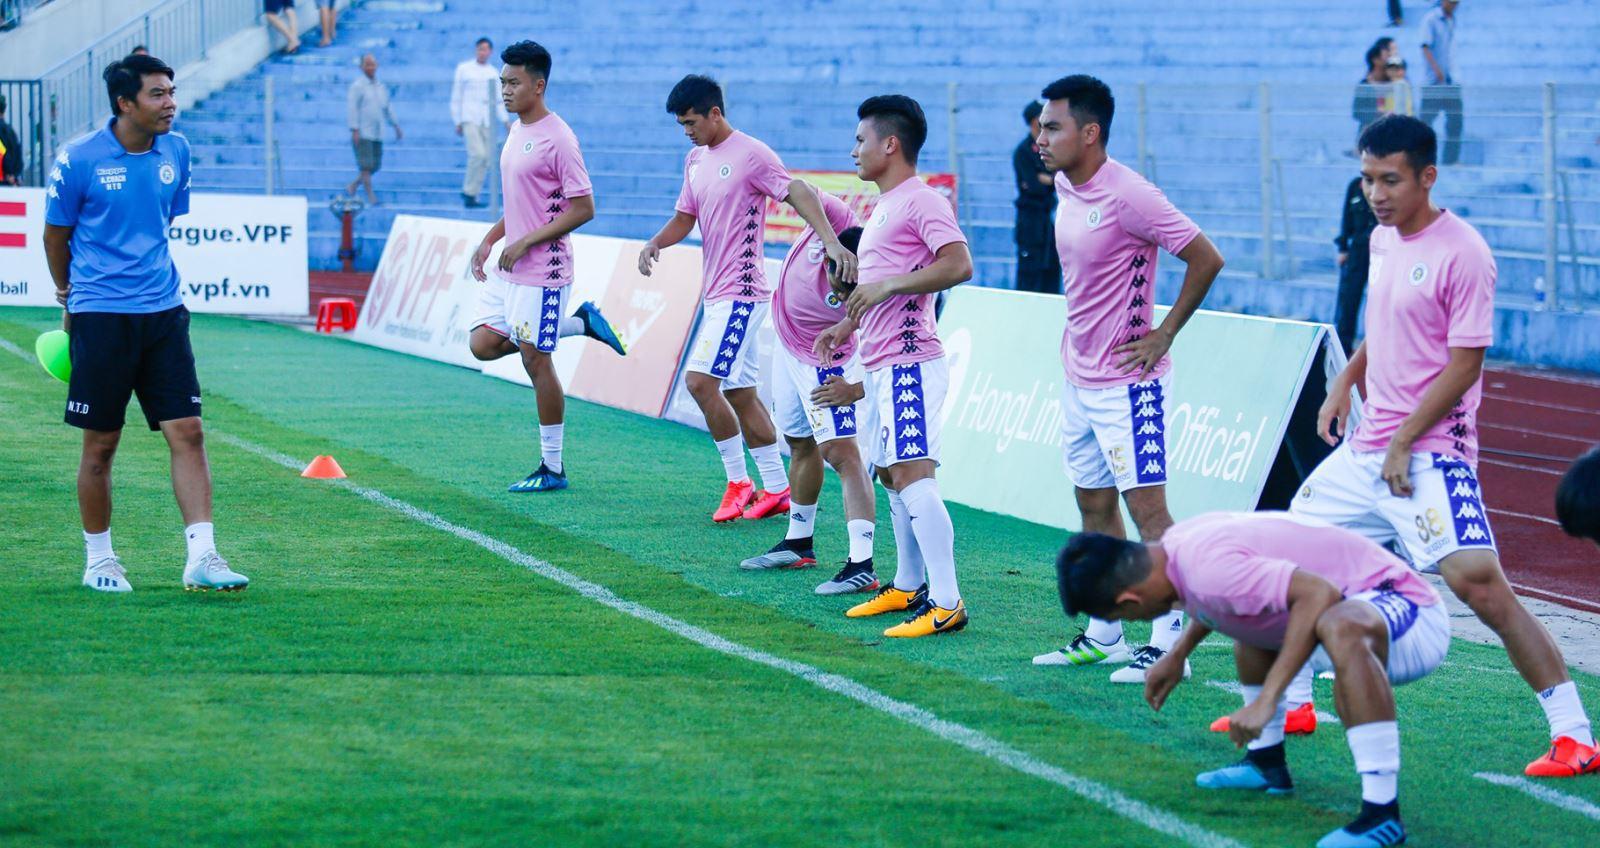 bóng đá Việt Nam, tin tức bóng đá, HLV Park Hang Seo, Công Phượng, V League TPHCM, Than Quảng Ninh, lịch thi đấu vòng 9 V League, Than QN vs TPHCM, trực tiếp bóng đá